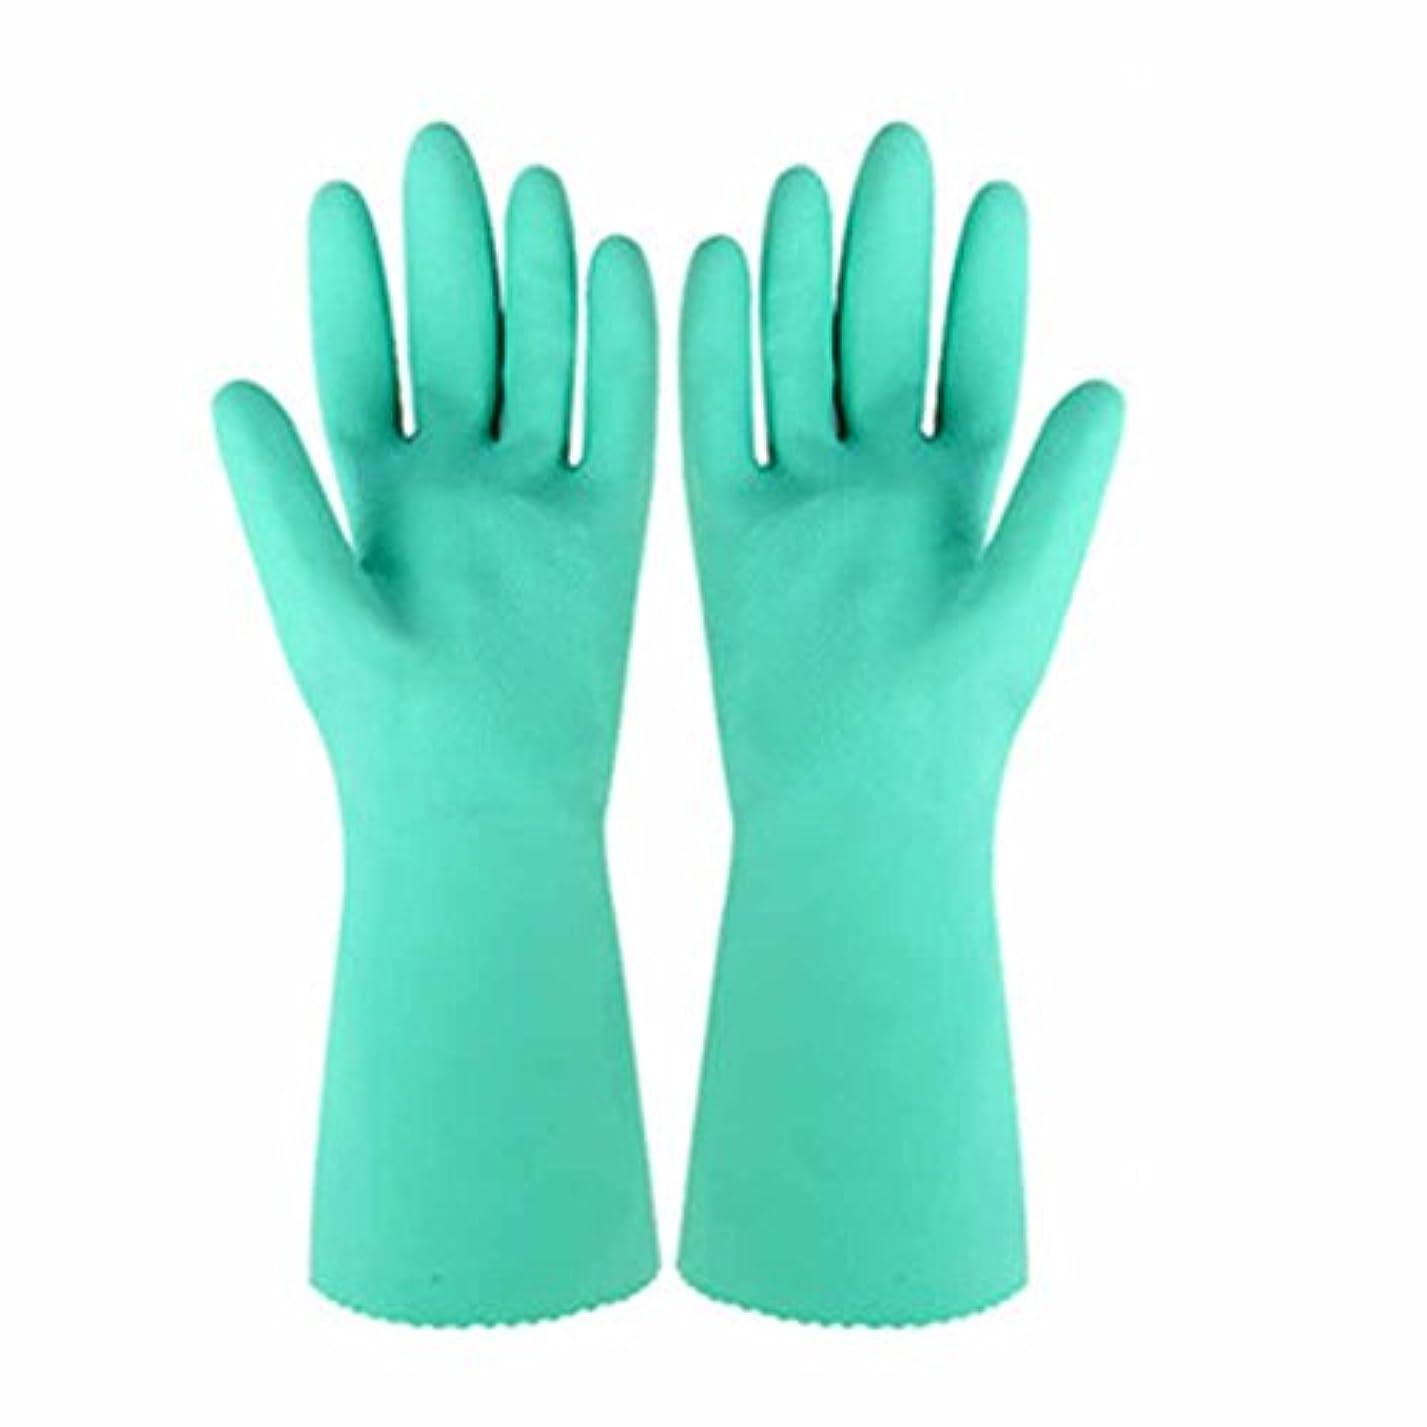 出口勇敢な周波数使い捨て手袋 天然ゴム滑り止め耐久手袋キッチン多機能防水アンチオイル手袋 (Size : Four)